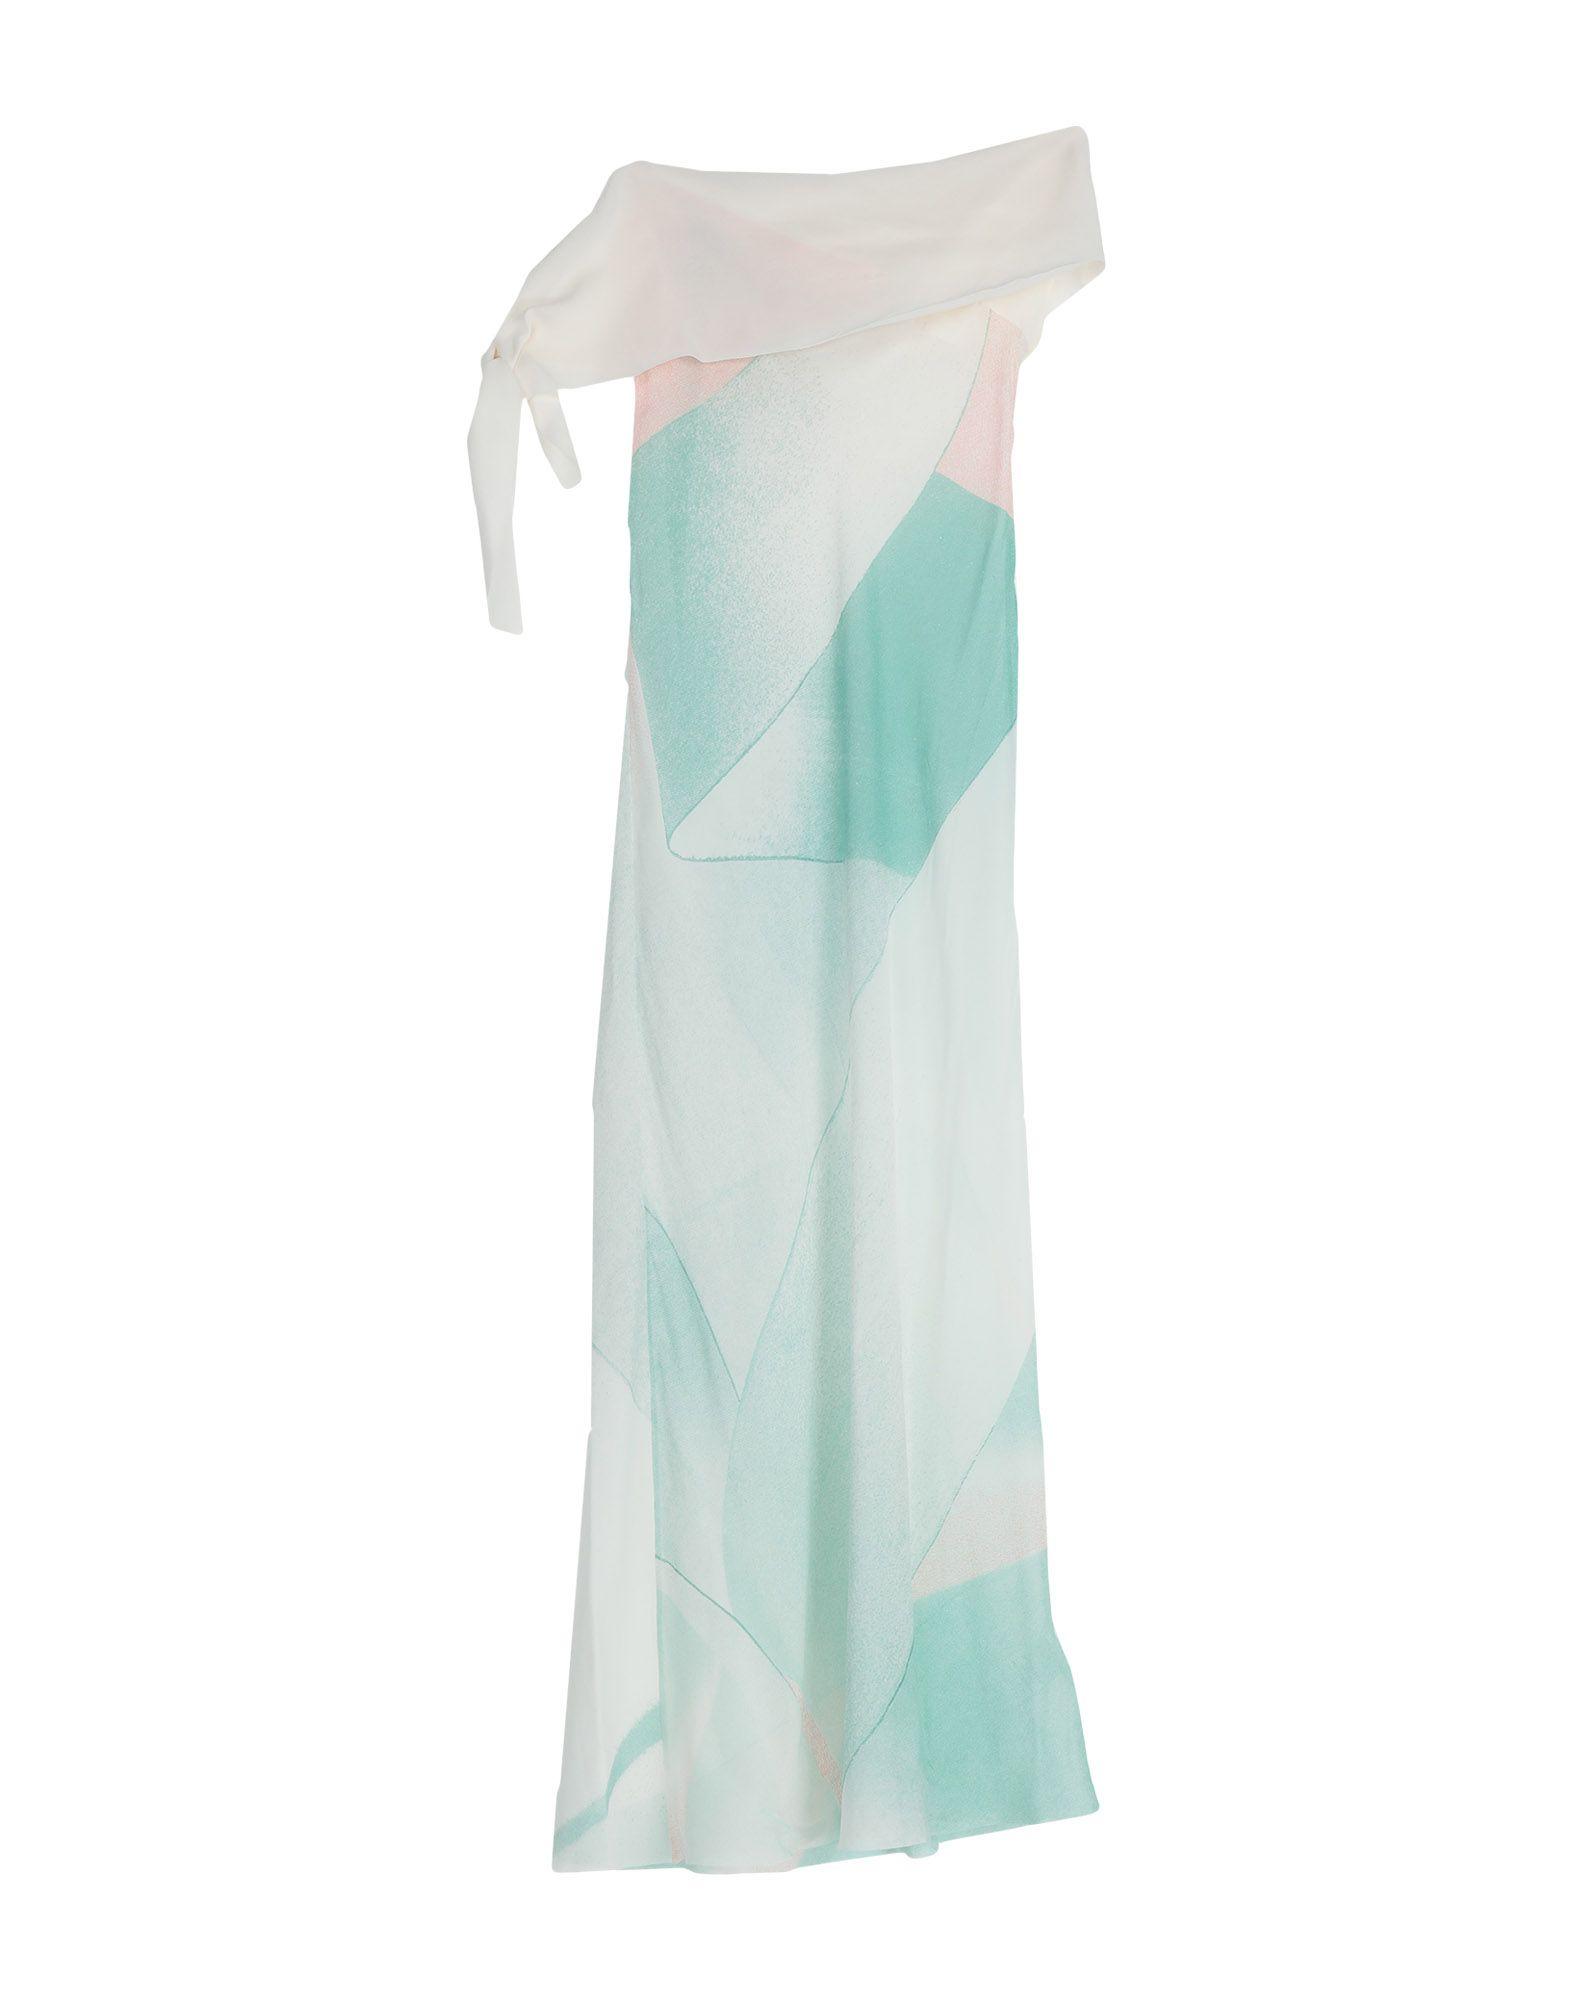 262b2420dcf Платье прямое длинное с кашемировым рисунком